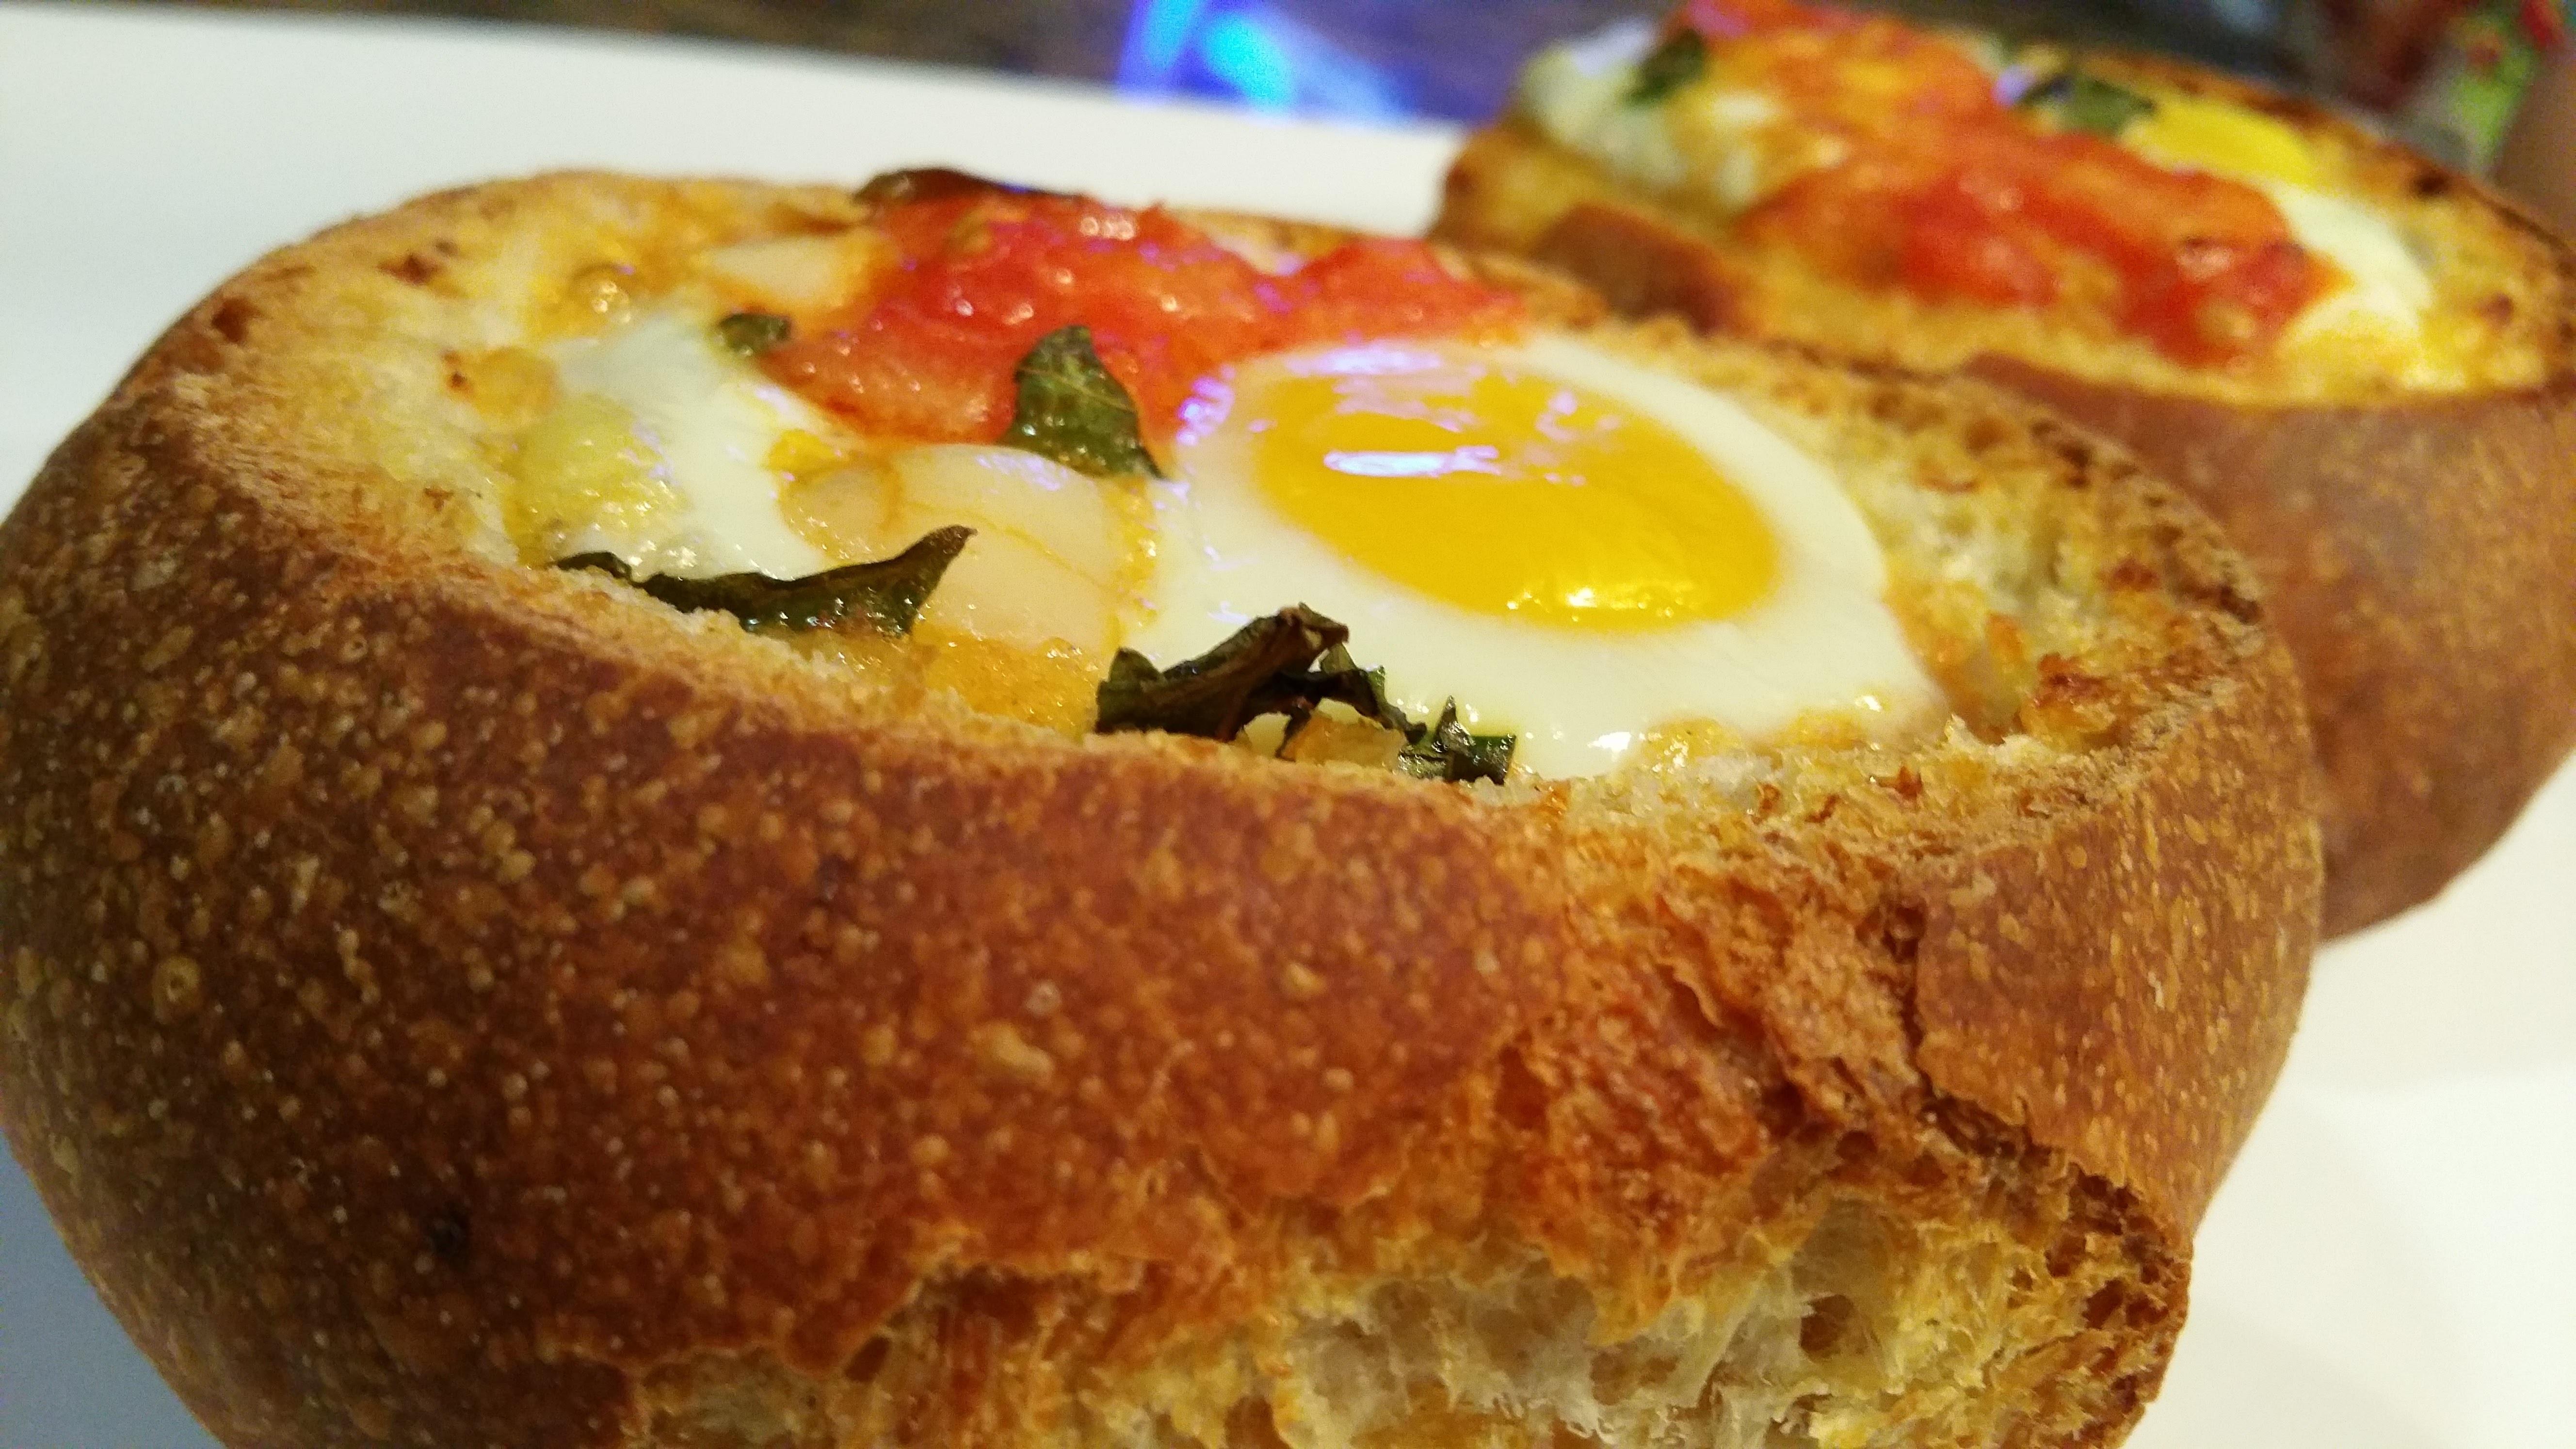 Perinteisiä suomalaisia pääsiäisruokia olivat munamaito, verimakkarat, tuore leipä.